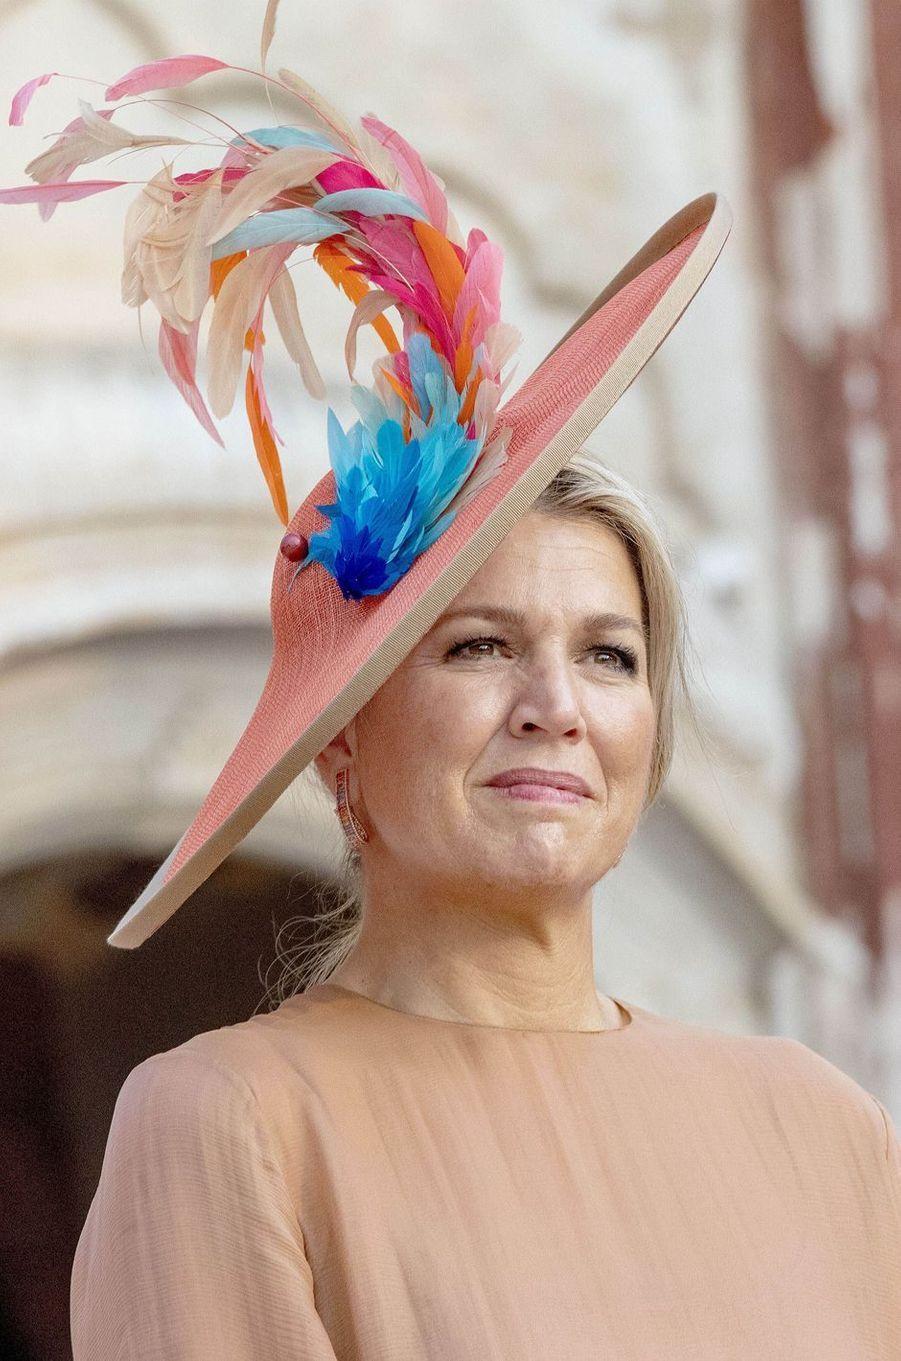 La reine Maxima des Pays-Bas avec un chapeau orné de plumes, le 15 octobre 2019